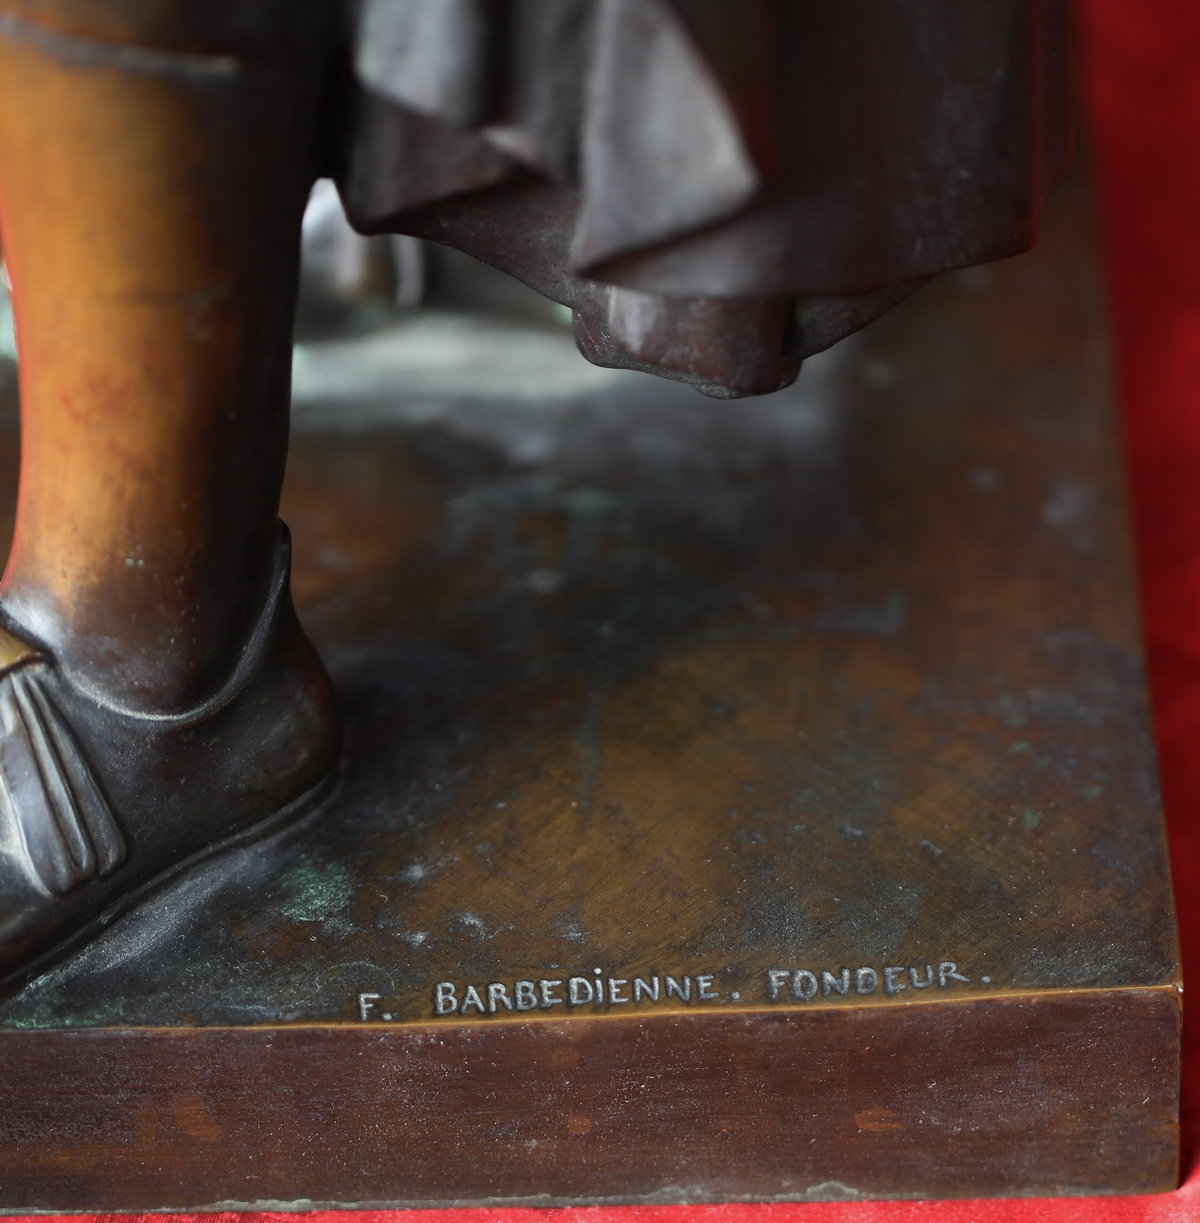 Ferdinand BARBEDIENNE XIXème